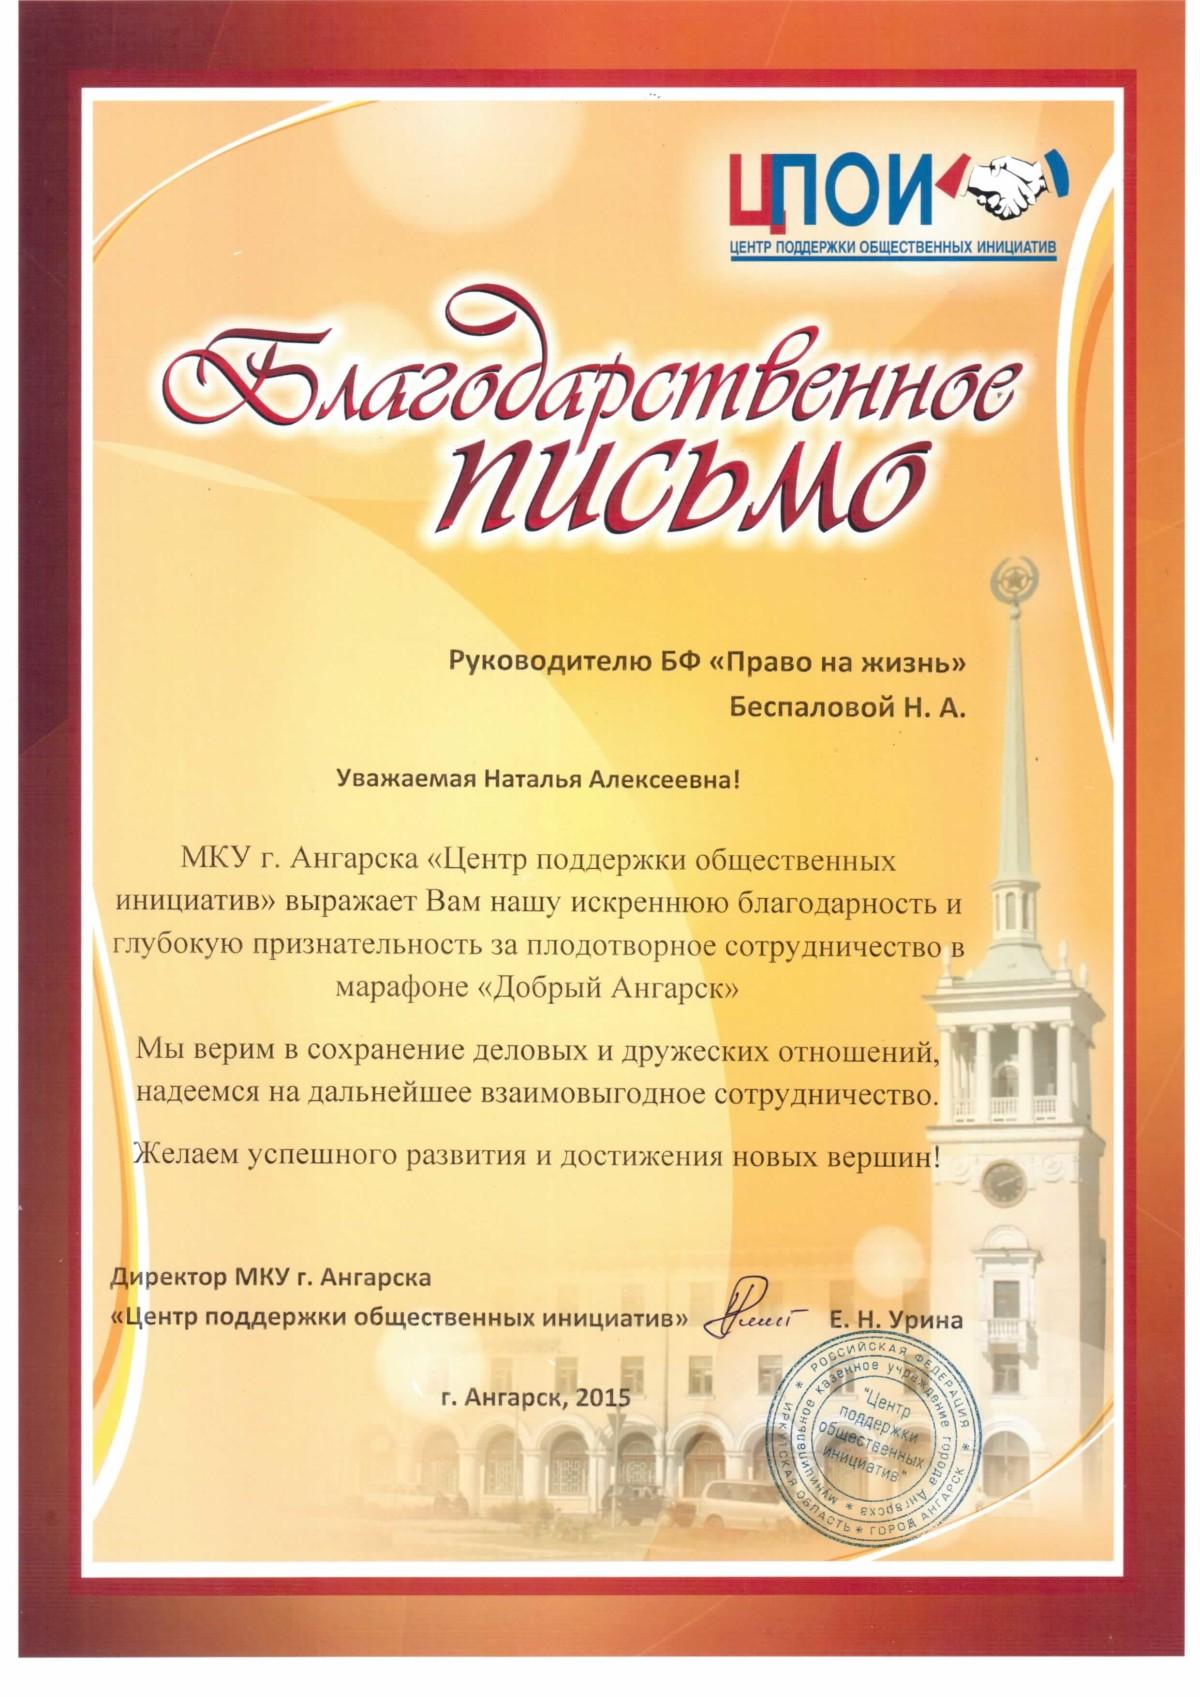 Благодарственное письмо от директора МКУ г. Ангарска